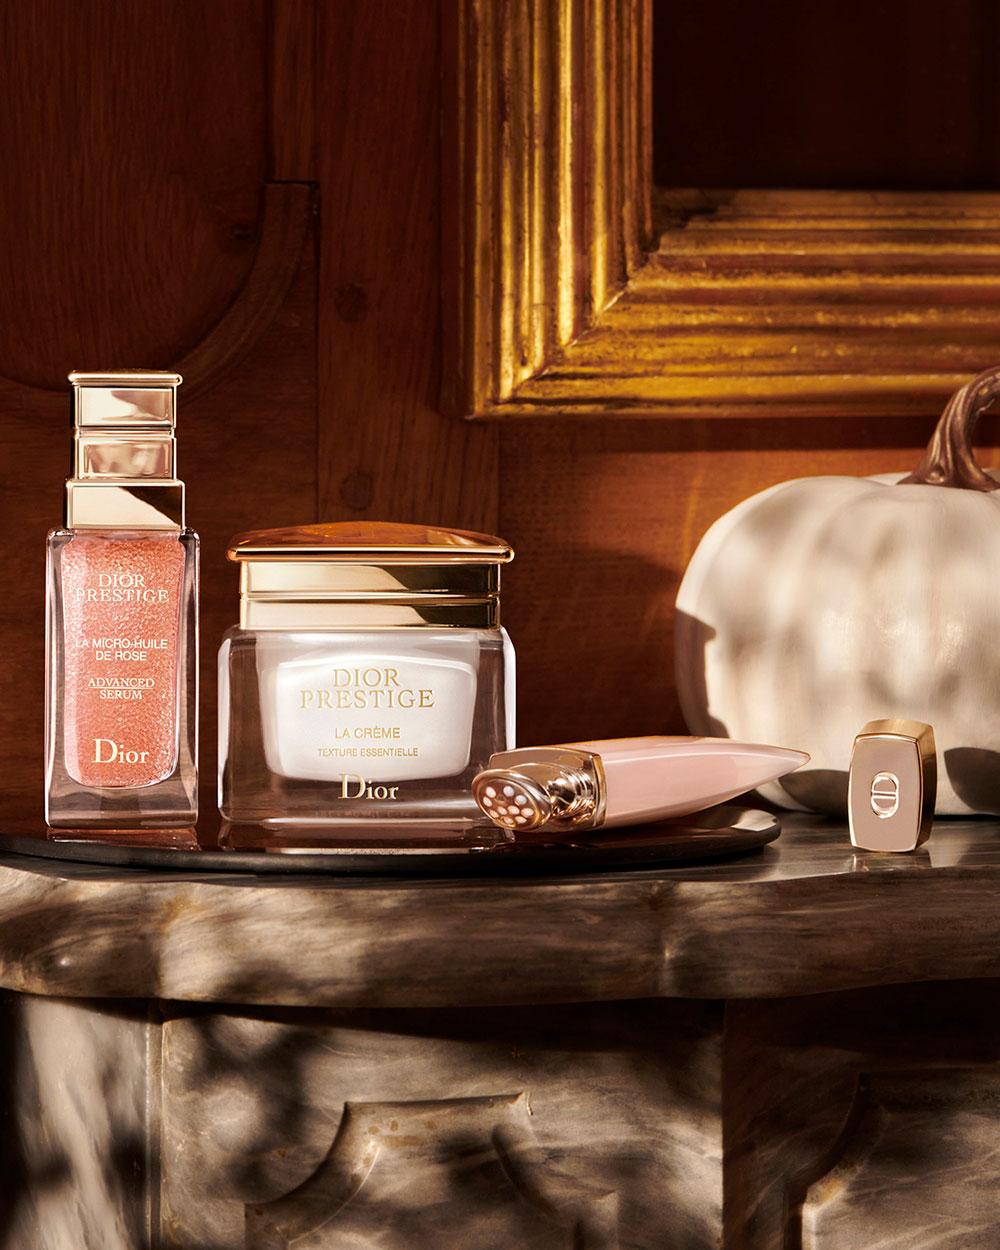 Dior Prestige La Micro Huile de Rose, tinh chất chống lão hóa cao cấp 2